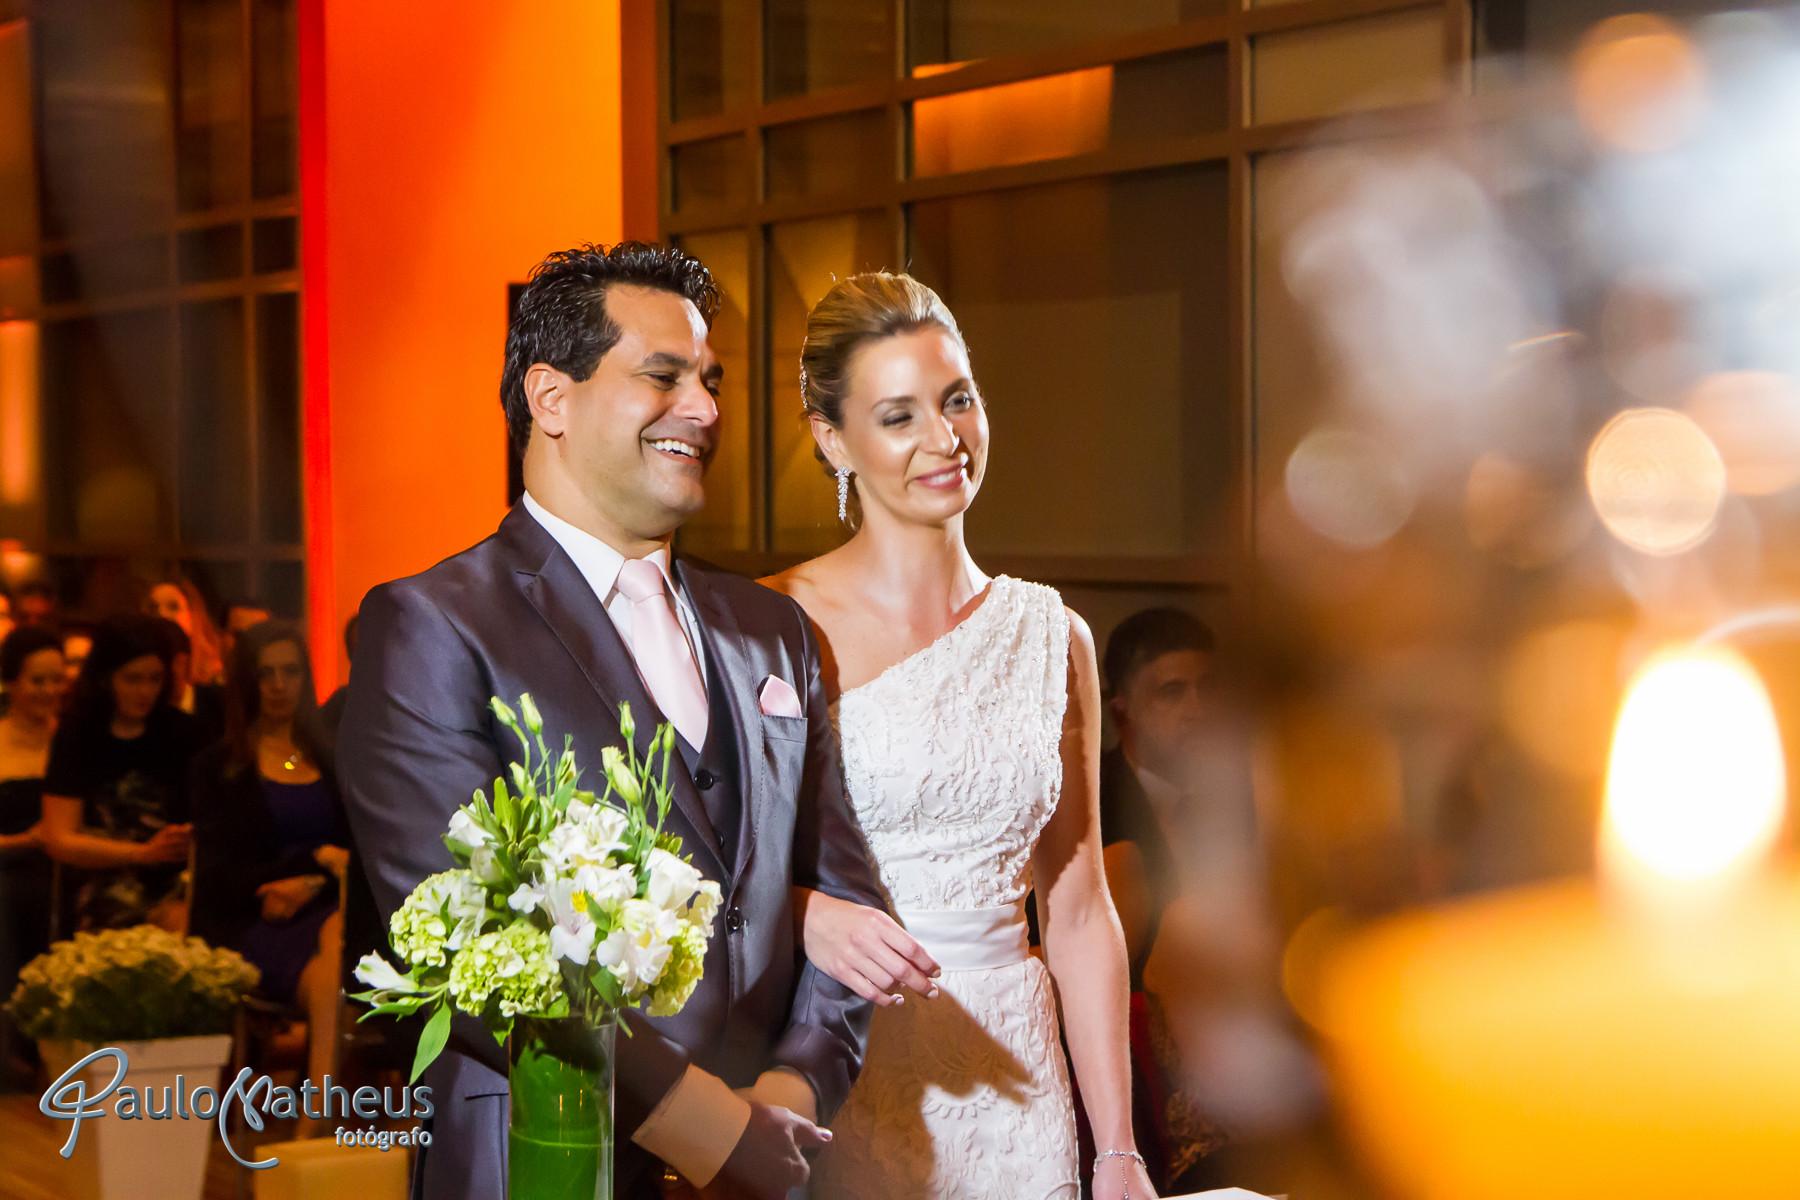 Fotógrafo de casamento registrou o Casamento no Hotel Hyatt